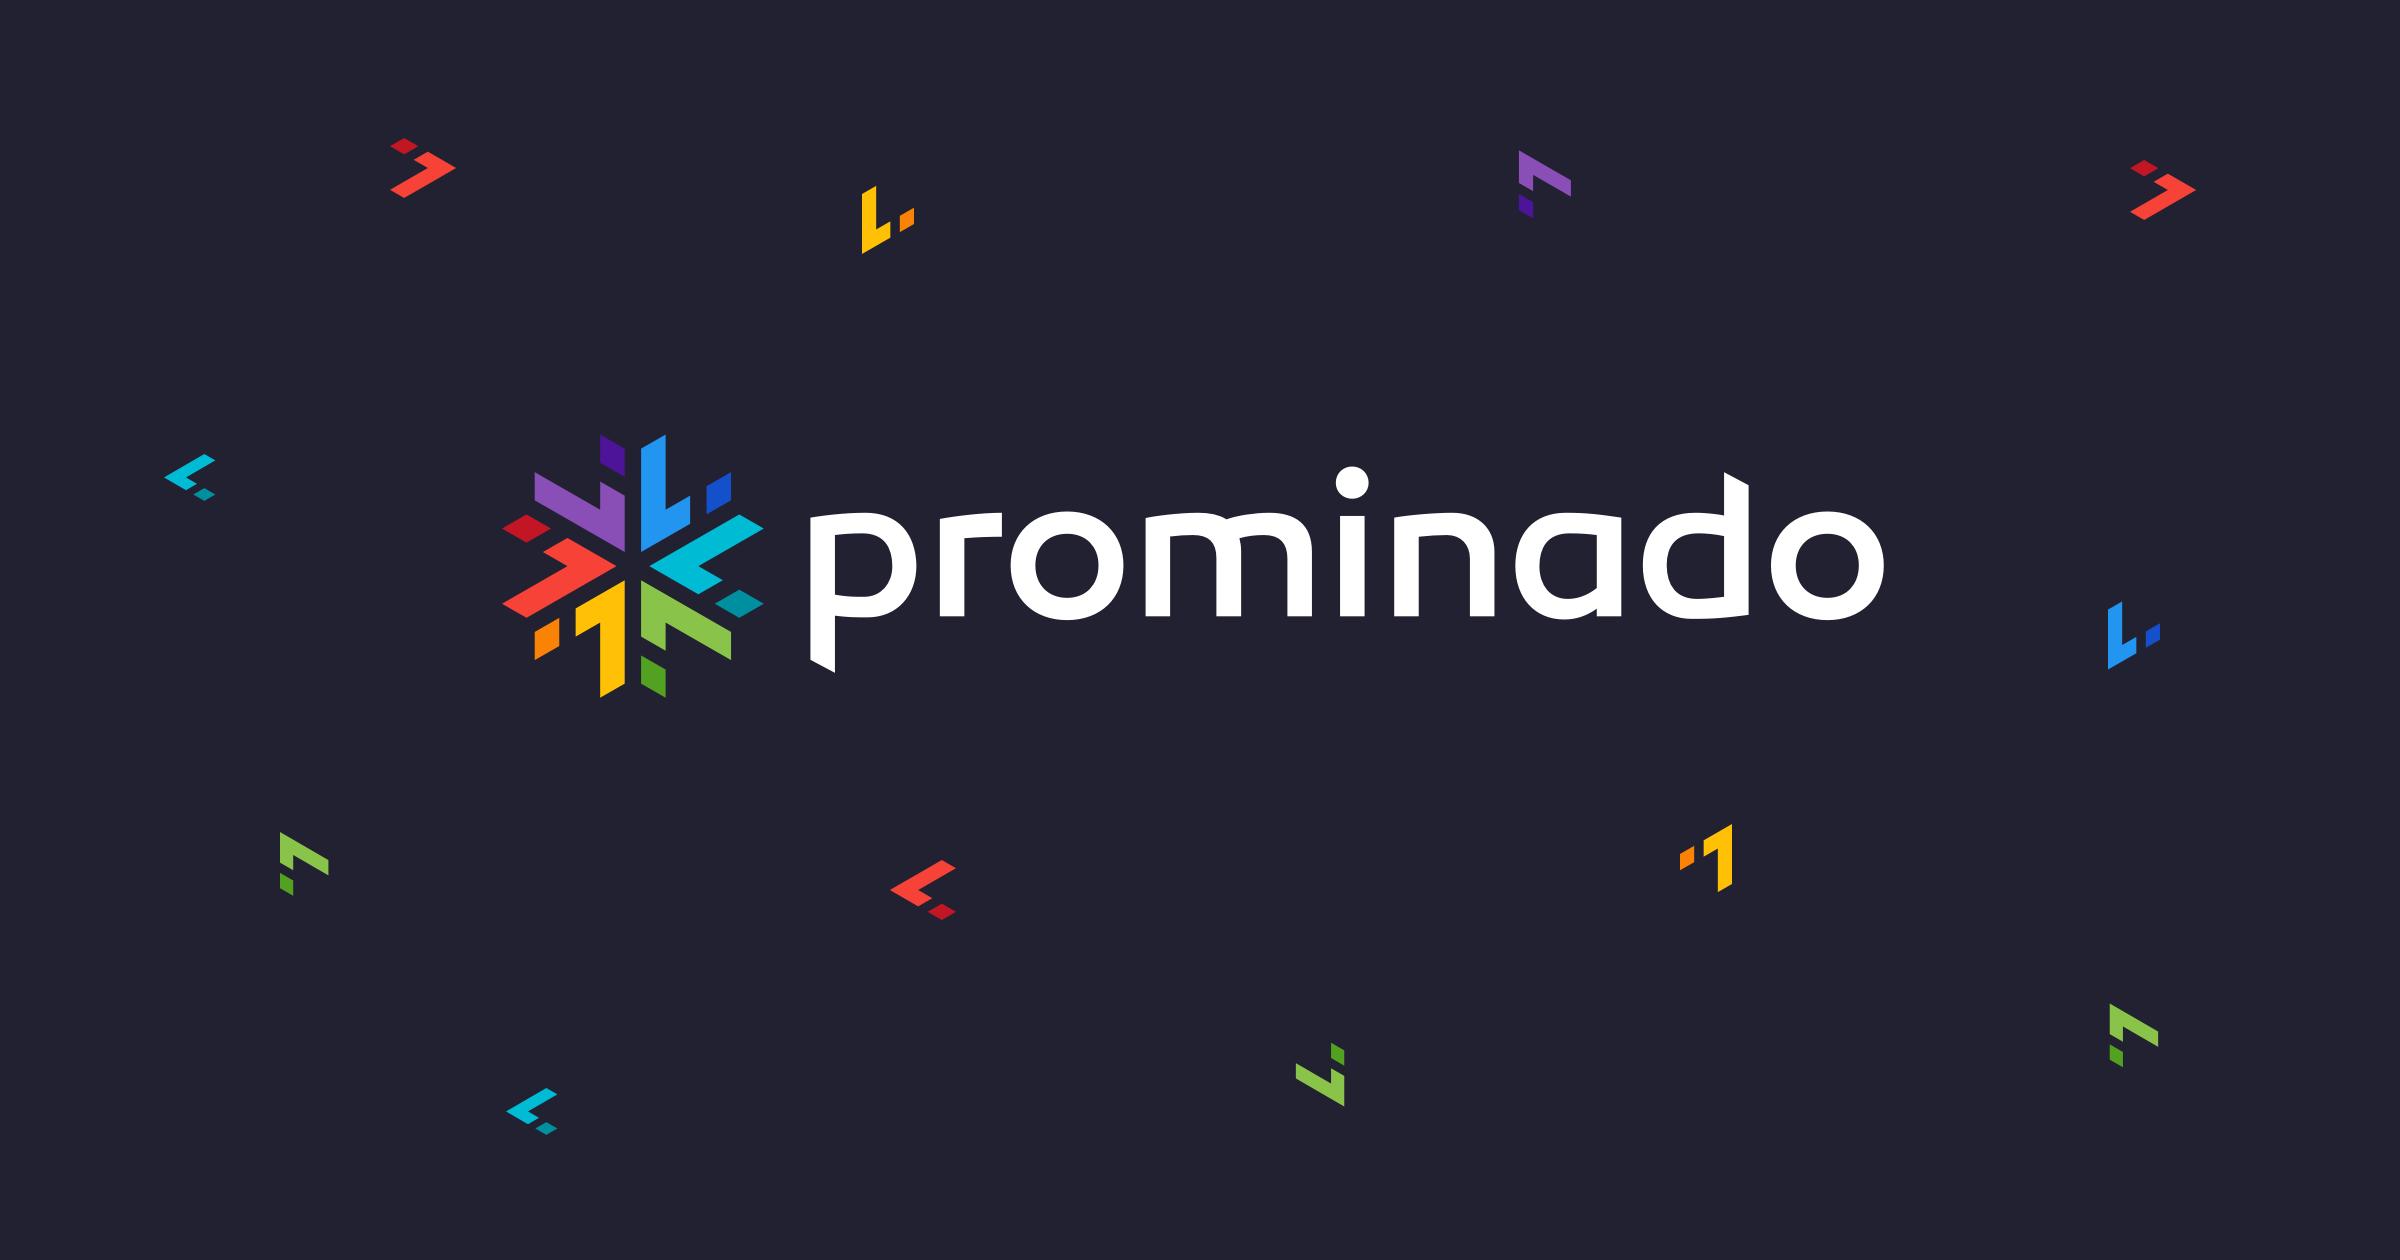 (c) Prominado.ru